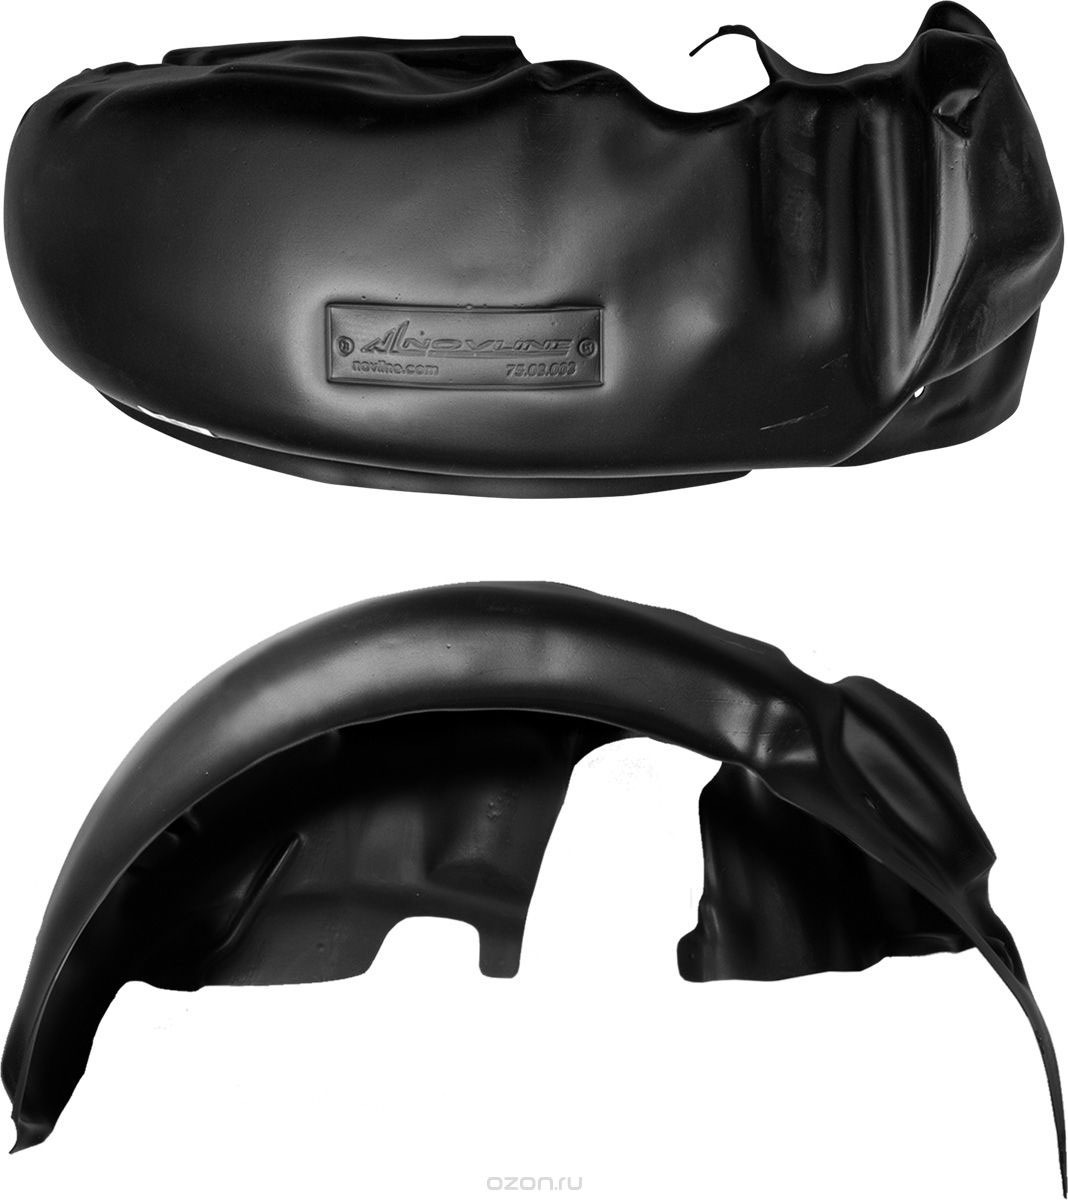 Подкрылок Novline-Autofamily, для HAIMA M3, 09/2014->, сед., передний правый000414Идеальная защита колесной ниши. Локеры разработаны с применением цифровых технологий, гарантируют максимальную повторяемость поверхности арки. Изделия устанавливаются без нарушения лакокрасочного покрытия автомобиля, каждый подкрылок комплектуется крепежом. Уважаемые клиенты, обращаем ваше внимание, что фотографии на подкрылки универсальные и не отражают реальную форму изделия. При этом само изделие идет точно под размер указанного автомобиля.